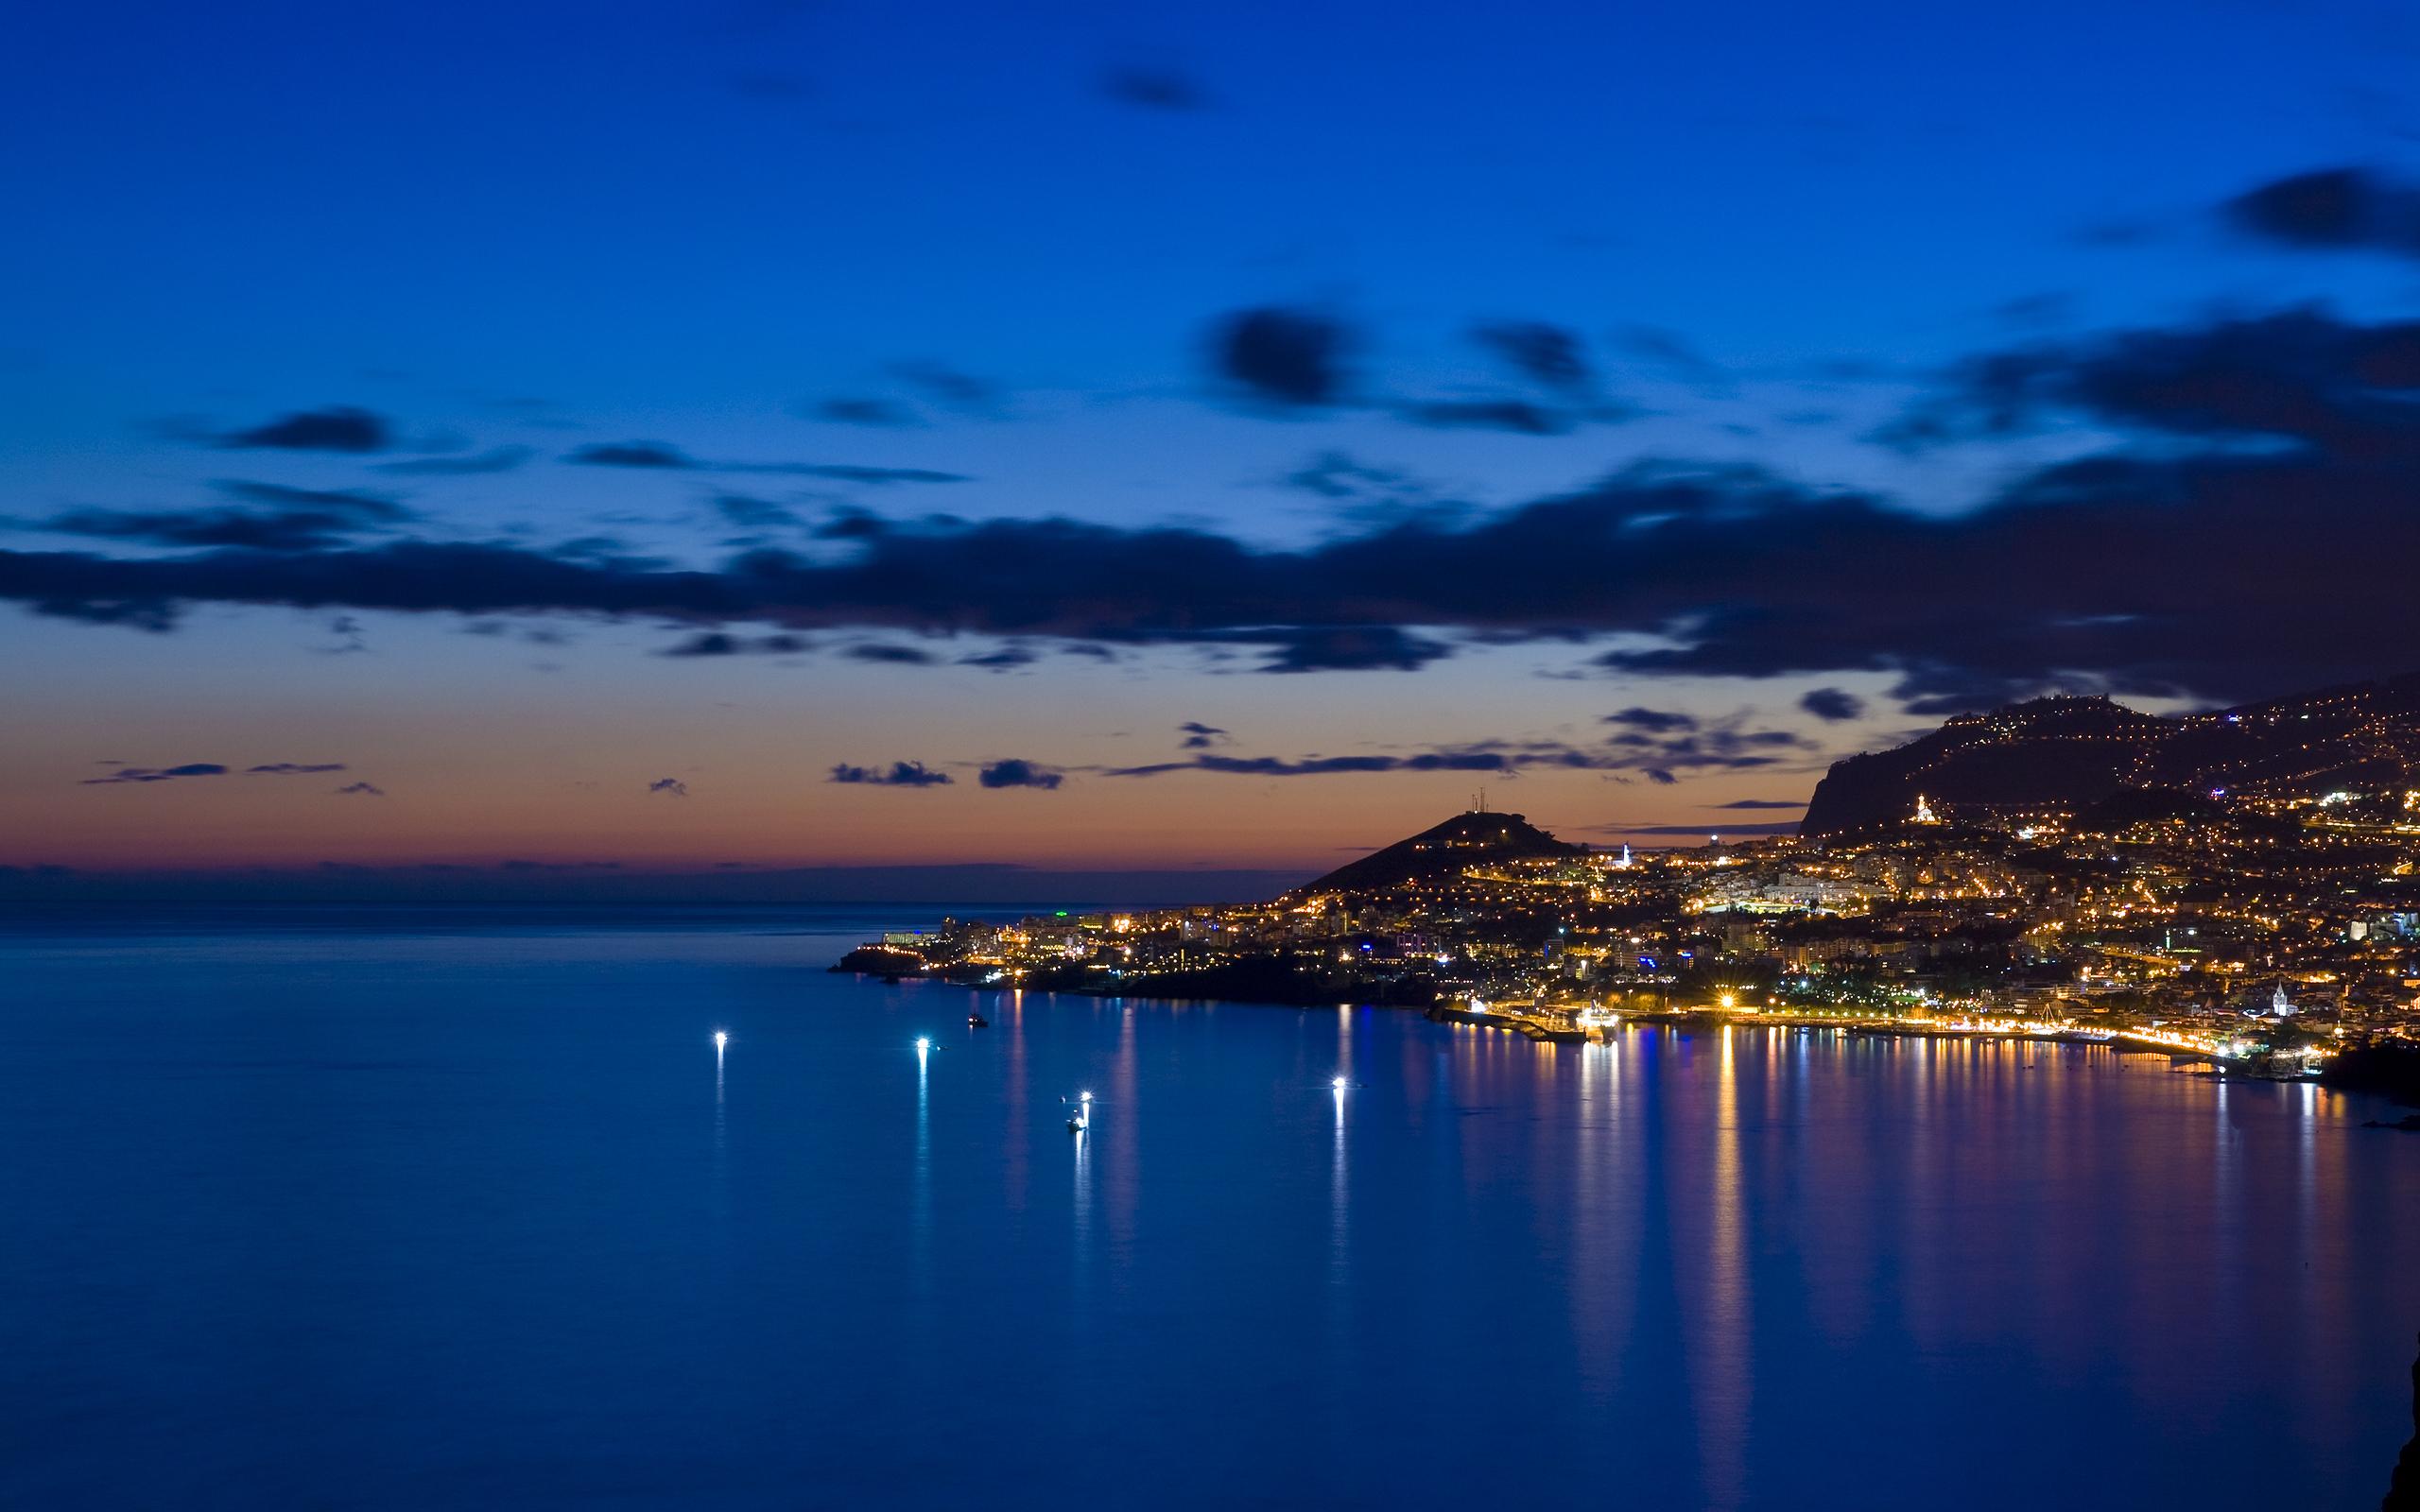 огни ночь город берег гора скачать